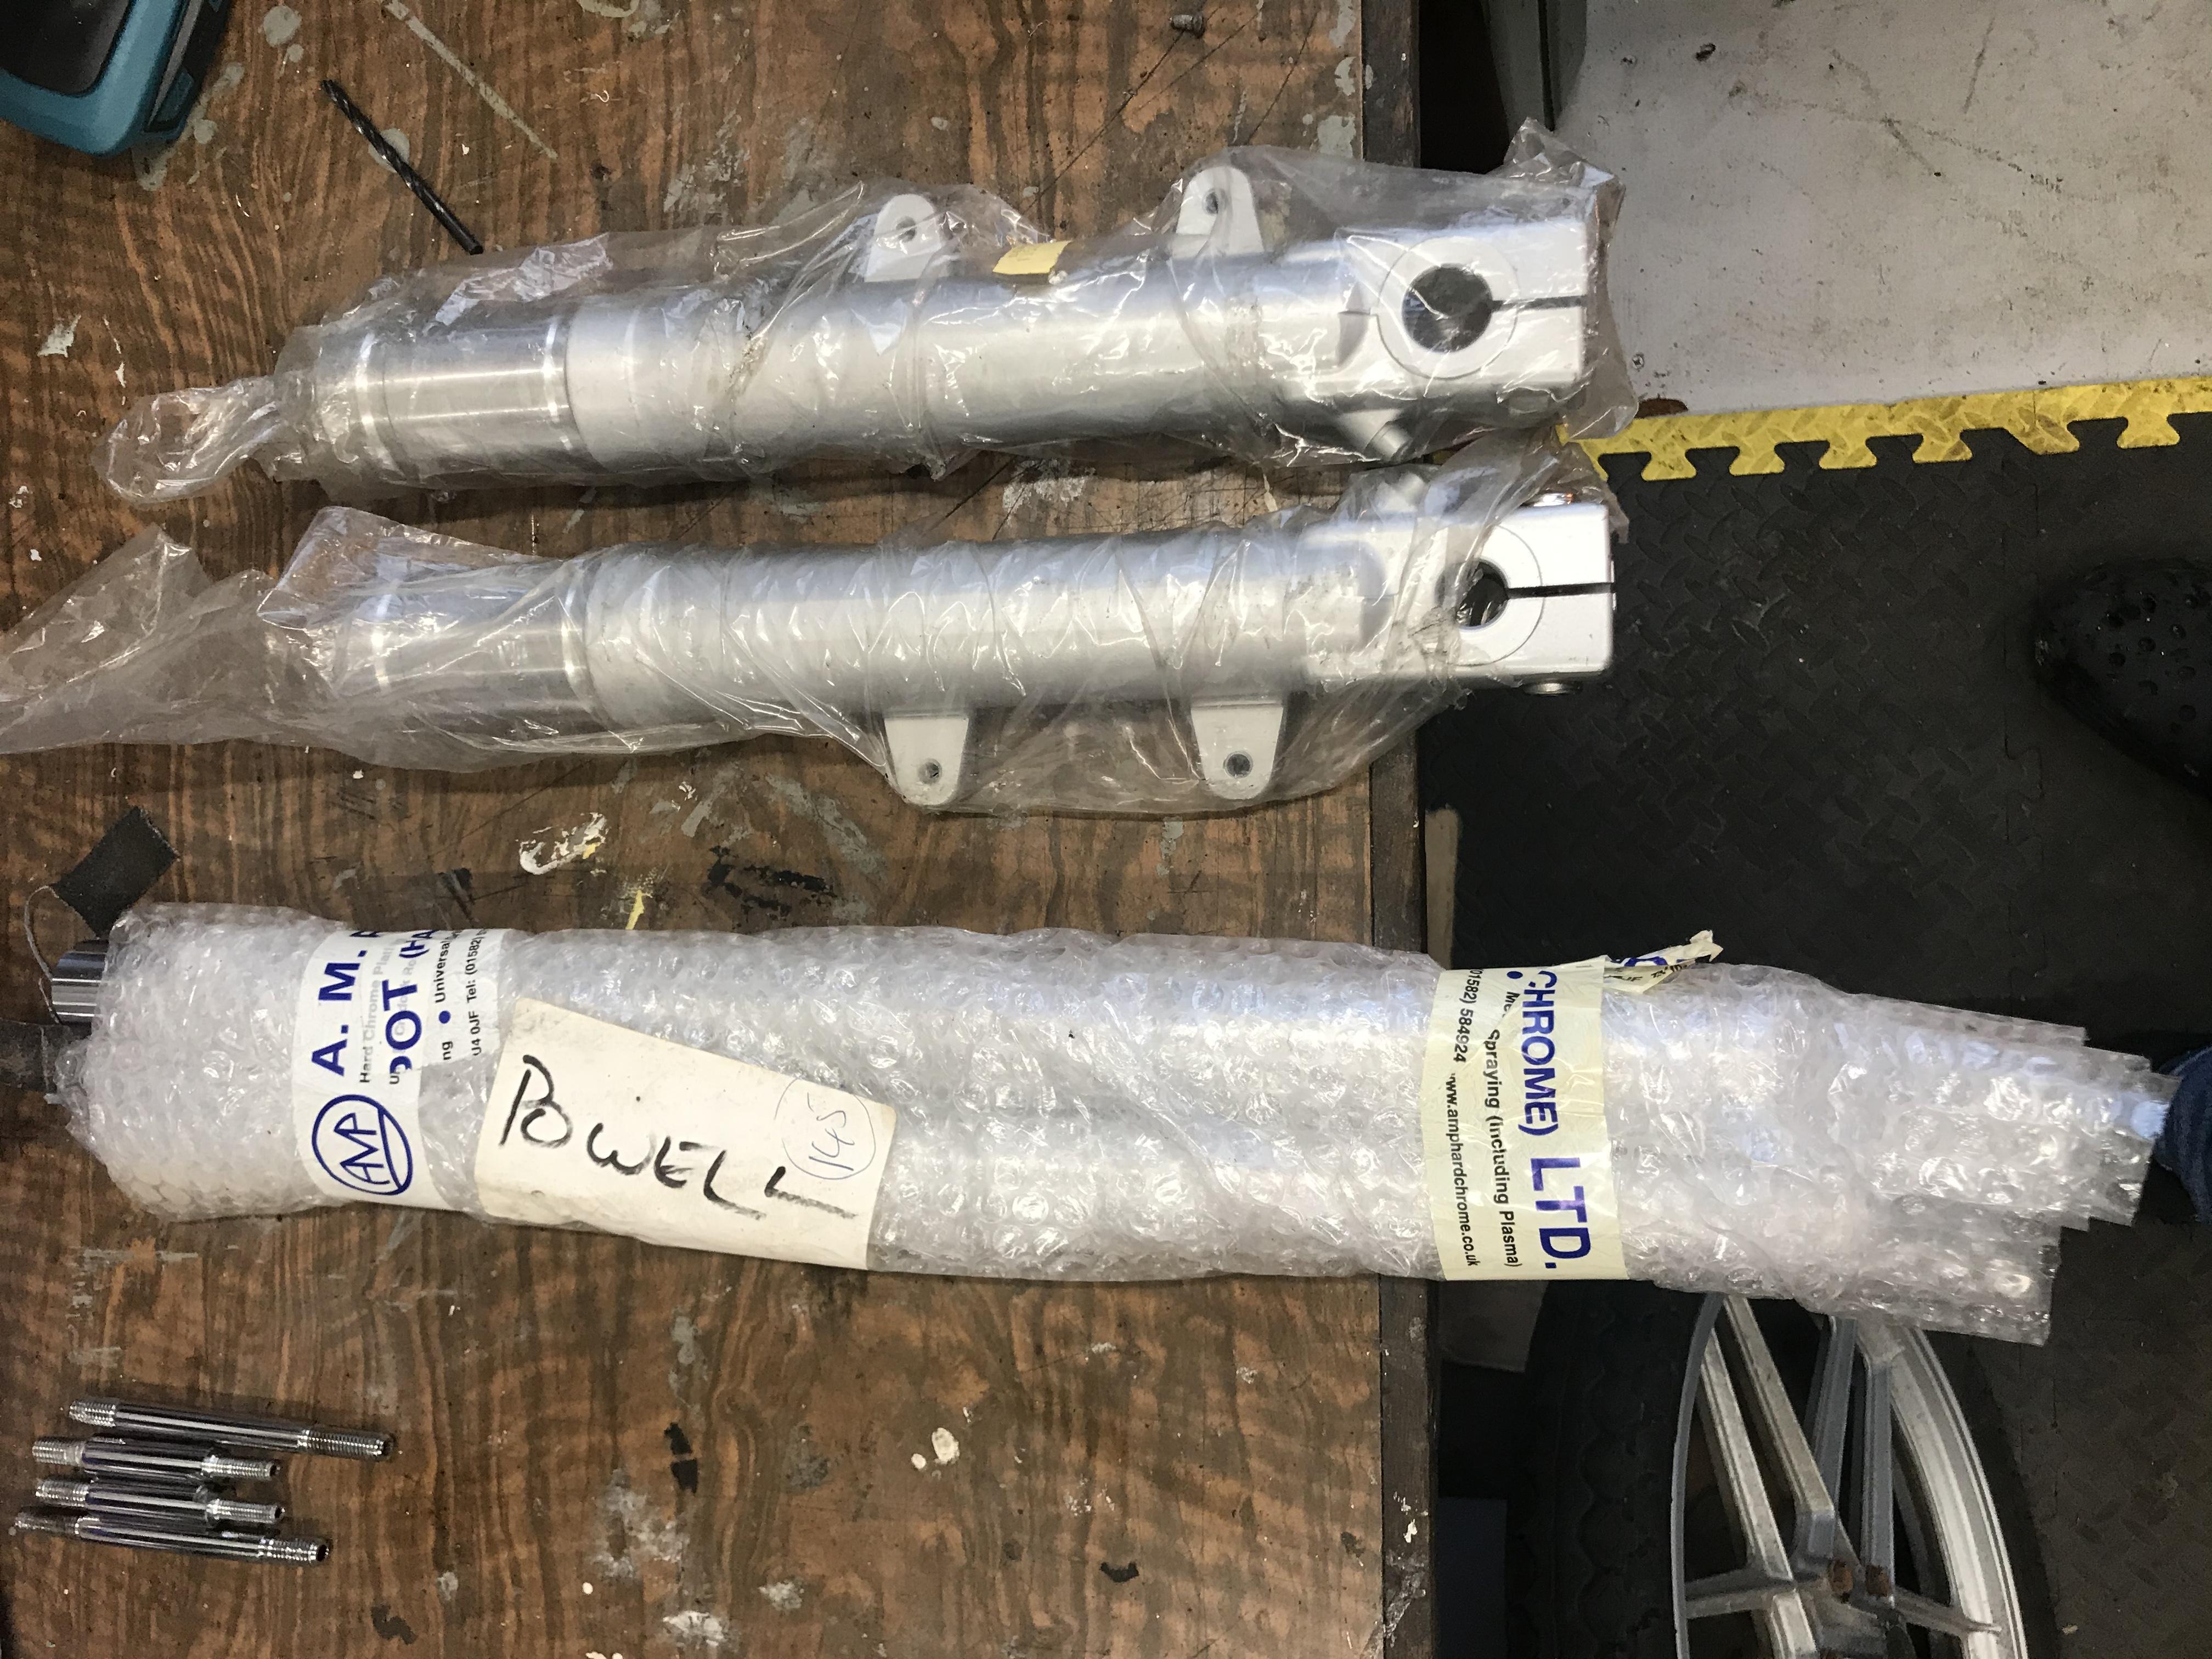 Benelli 250 2c Restoration-73fee570-2e88-4ccf-990c-1fe603561576.jpeg